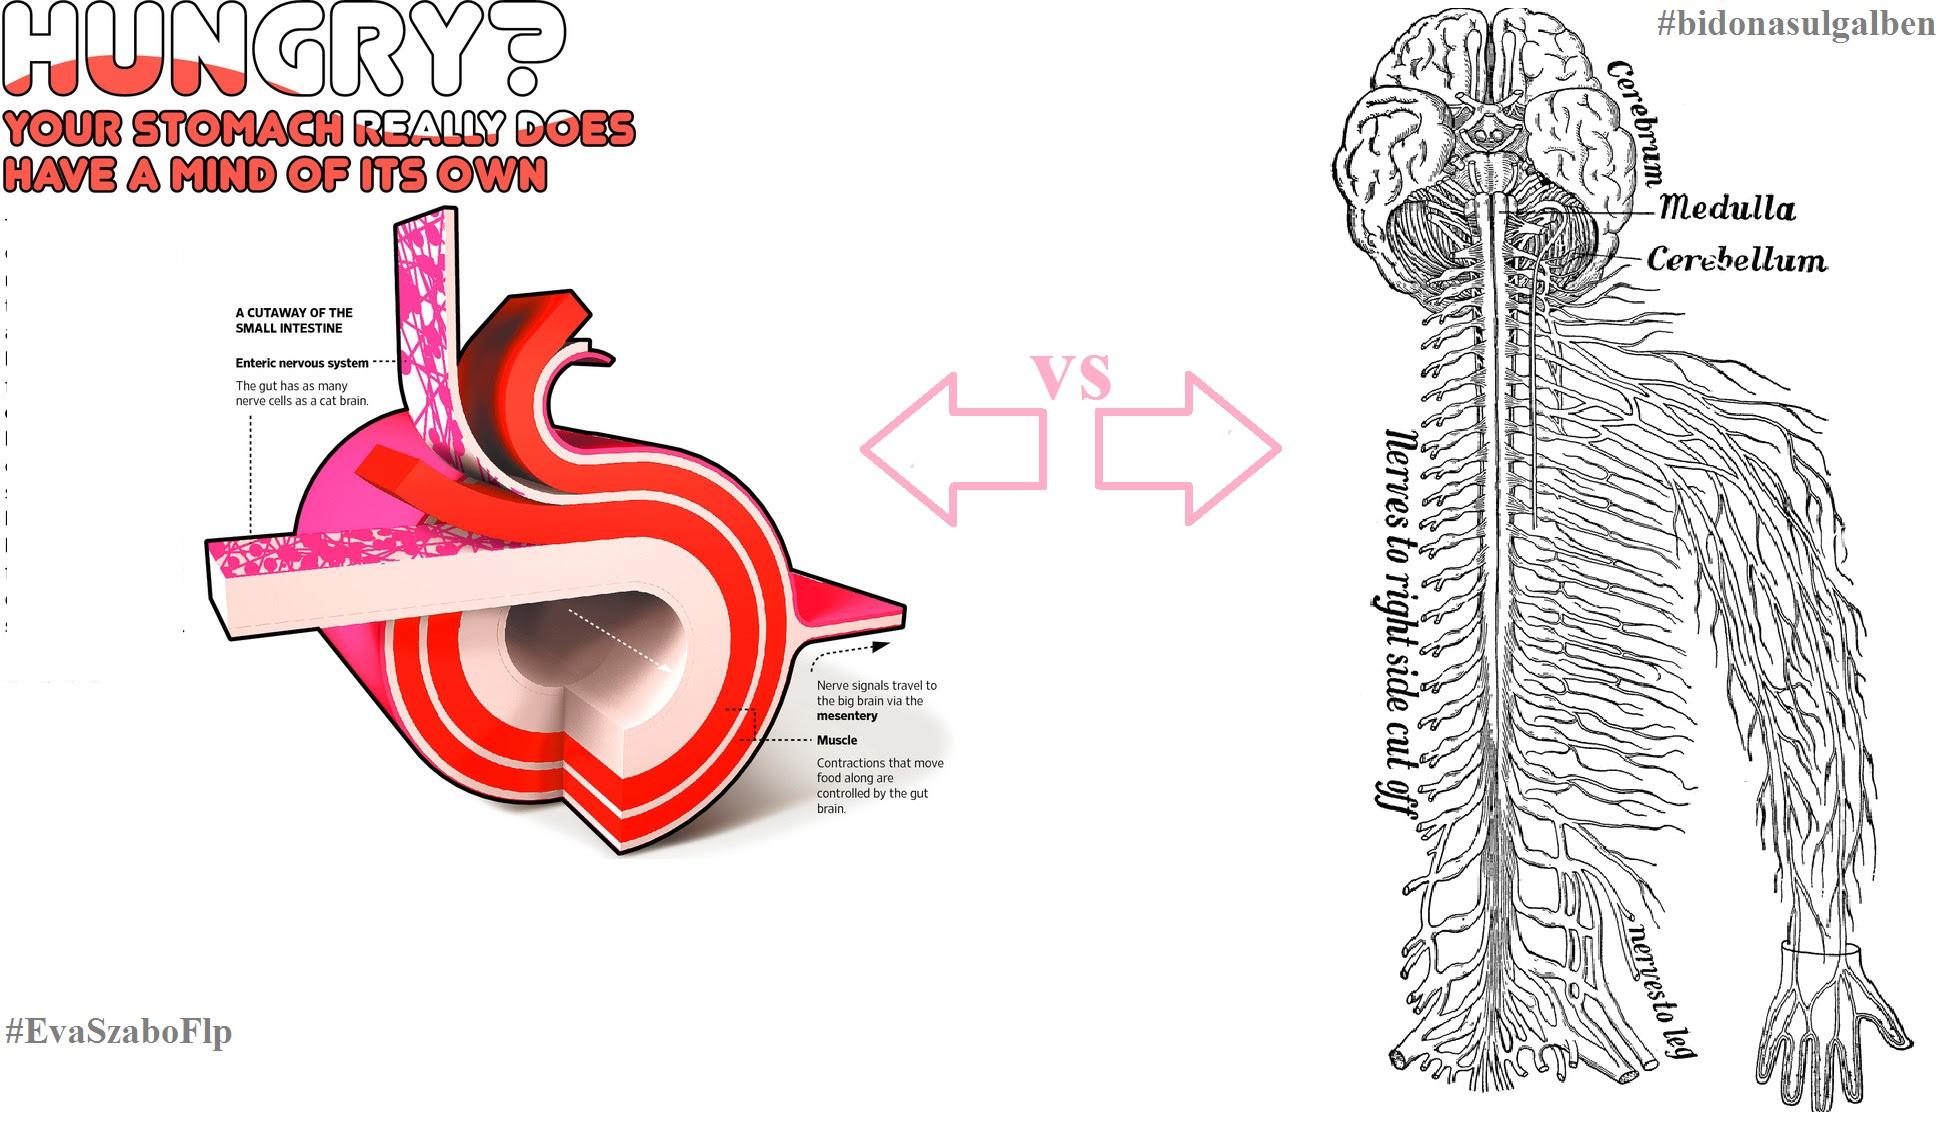 adesea-ori-luam-decizii-cu-stomacul-oare-de-ce-sistemul-enteric-intestinal